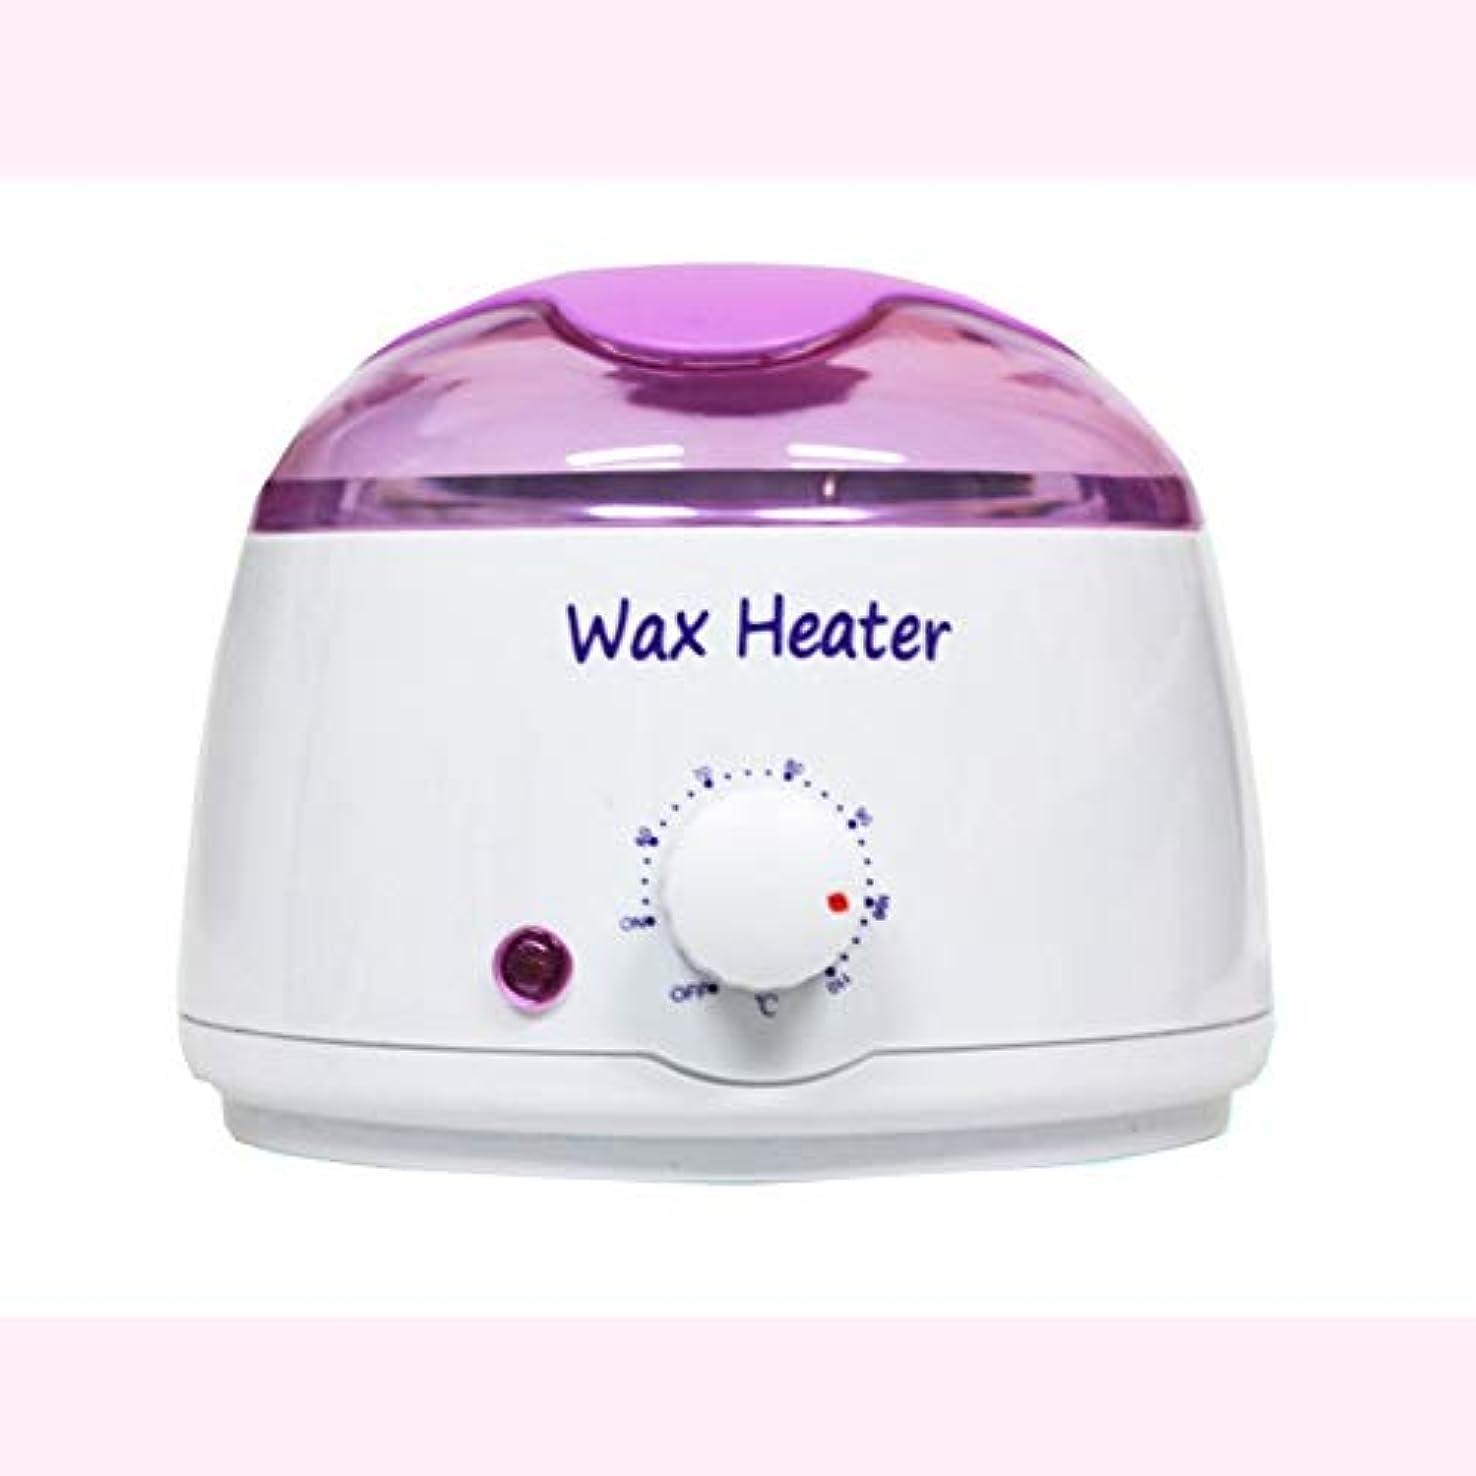 教えてビール心のこもった専門の電気ワックスのウォーマーおよびヒーター、女性/人のための毛の取り外しの家のワックスのためのワックスのメルターは小型多機能のワックス機械を熱します